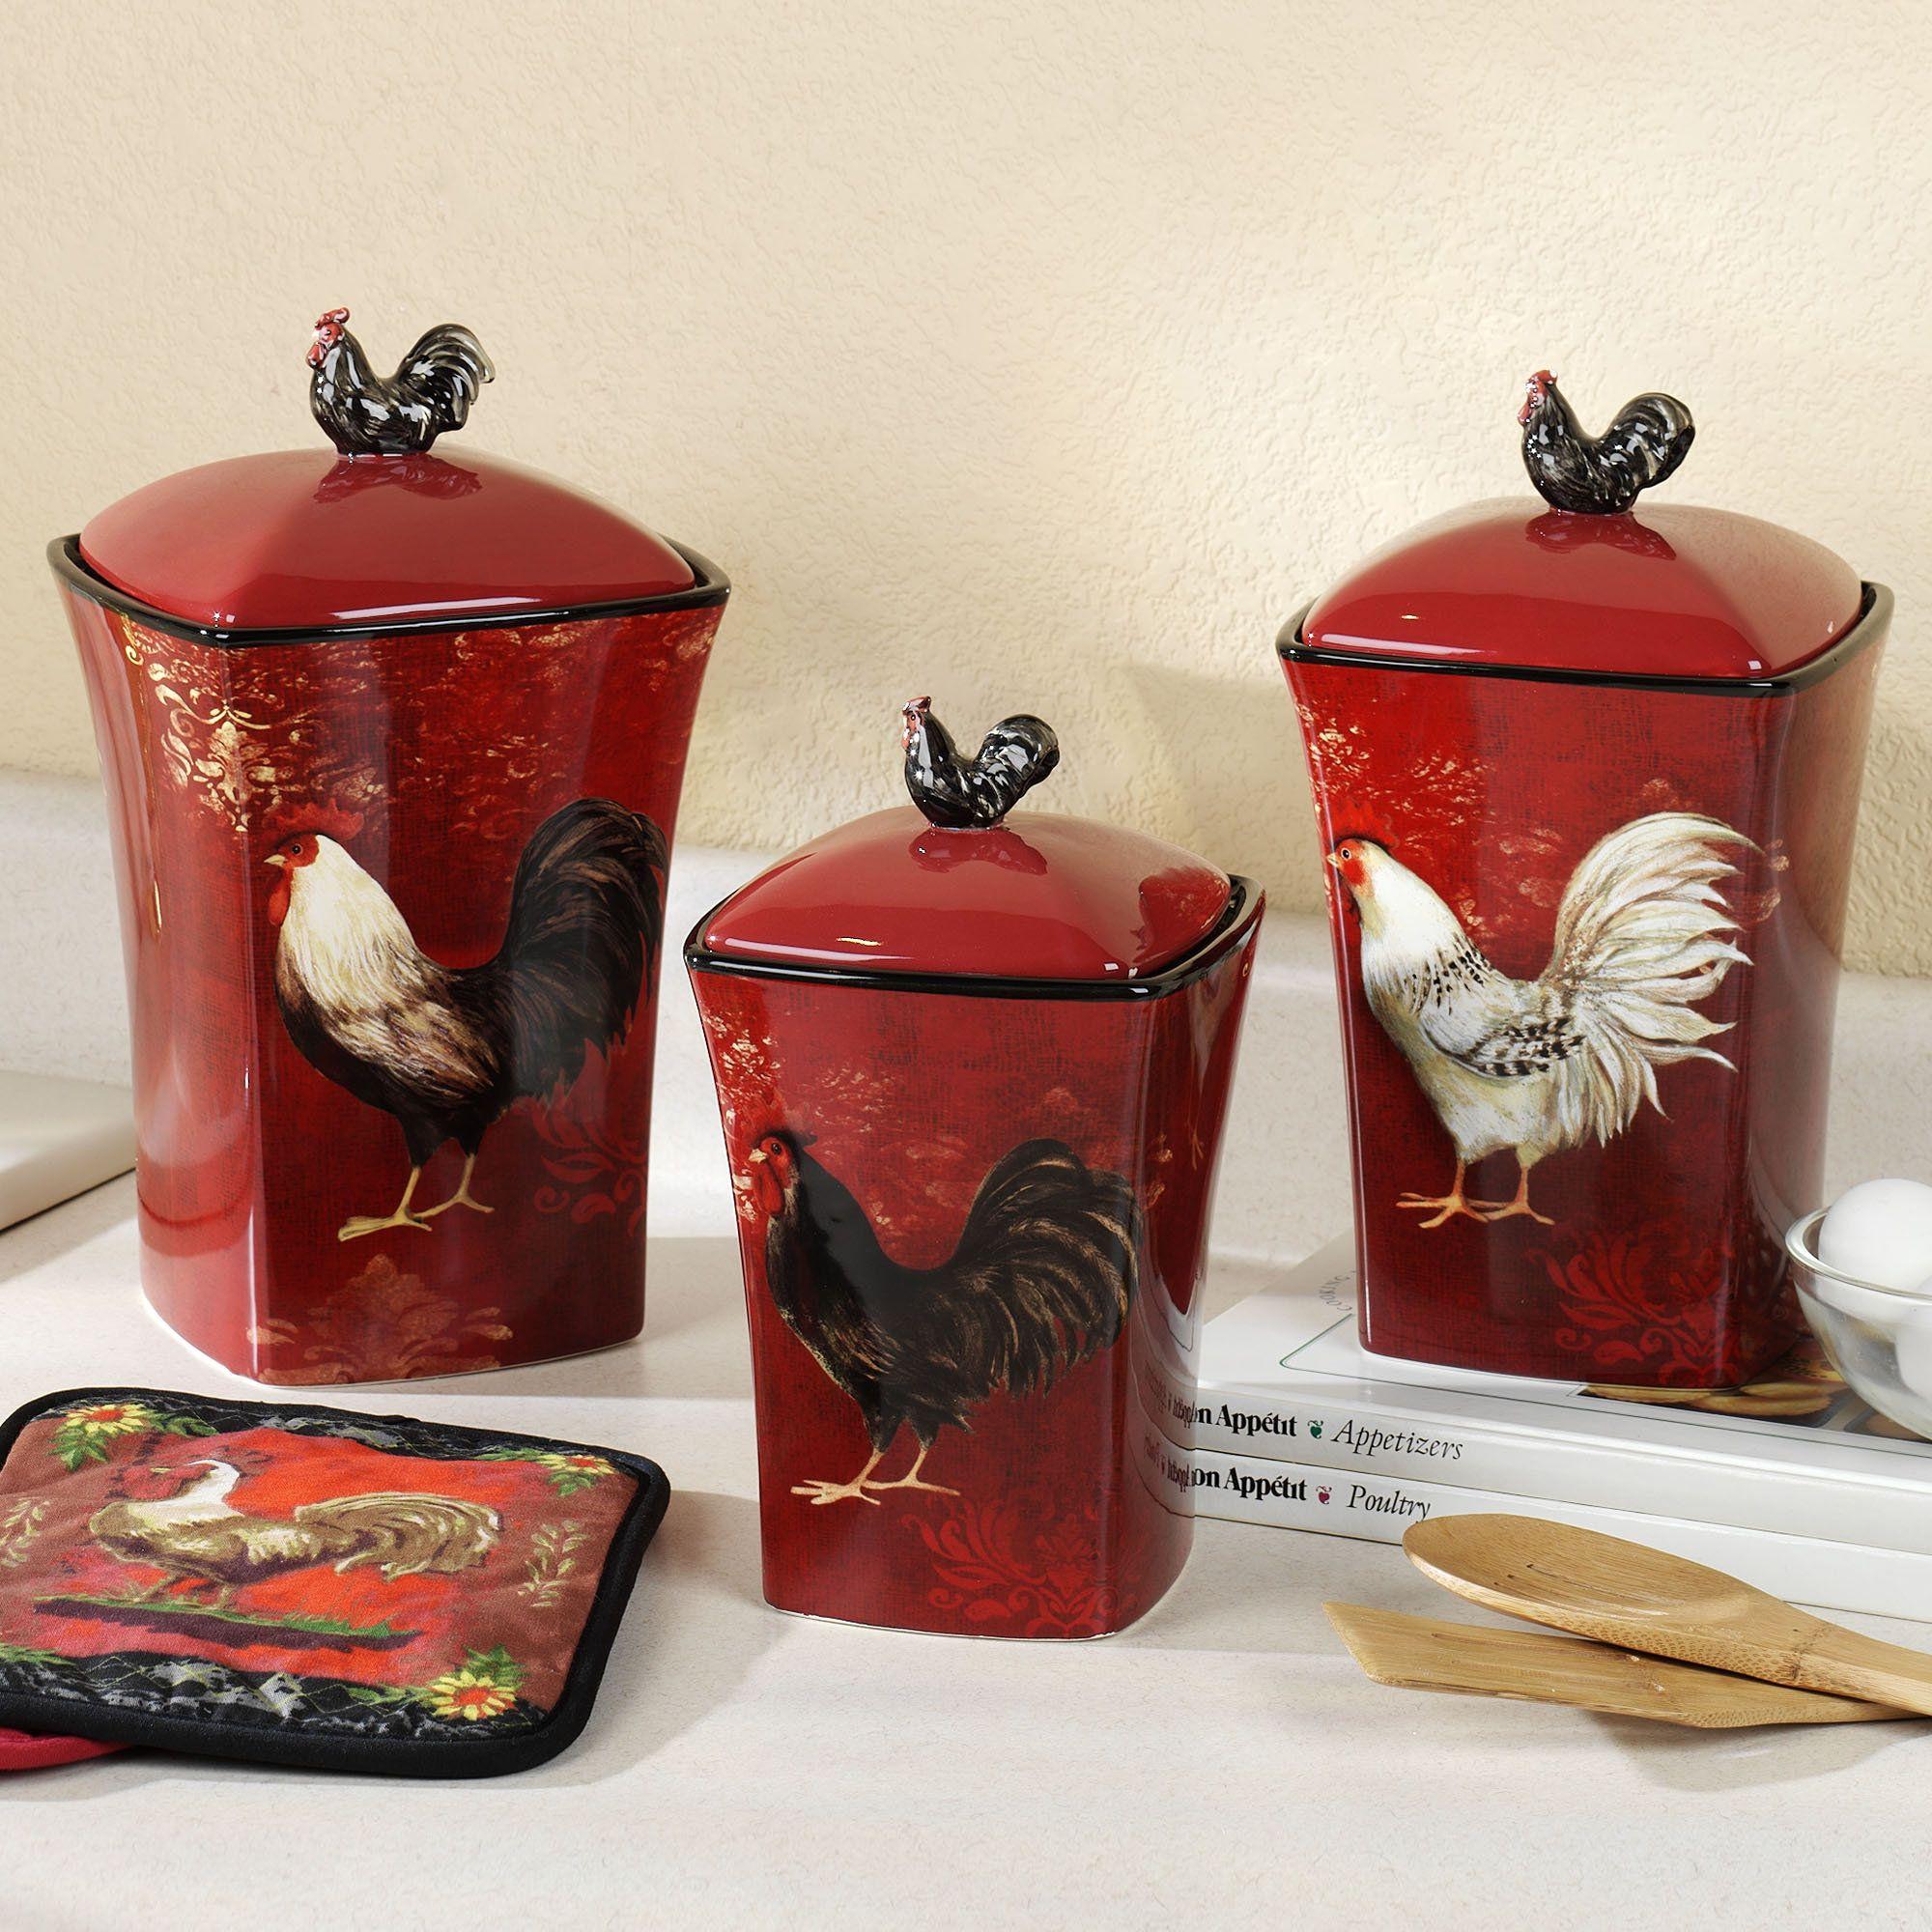 cheap rooster kitchen decor Баночки для специй, Декупаж